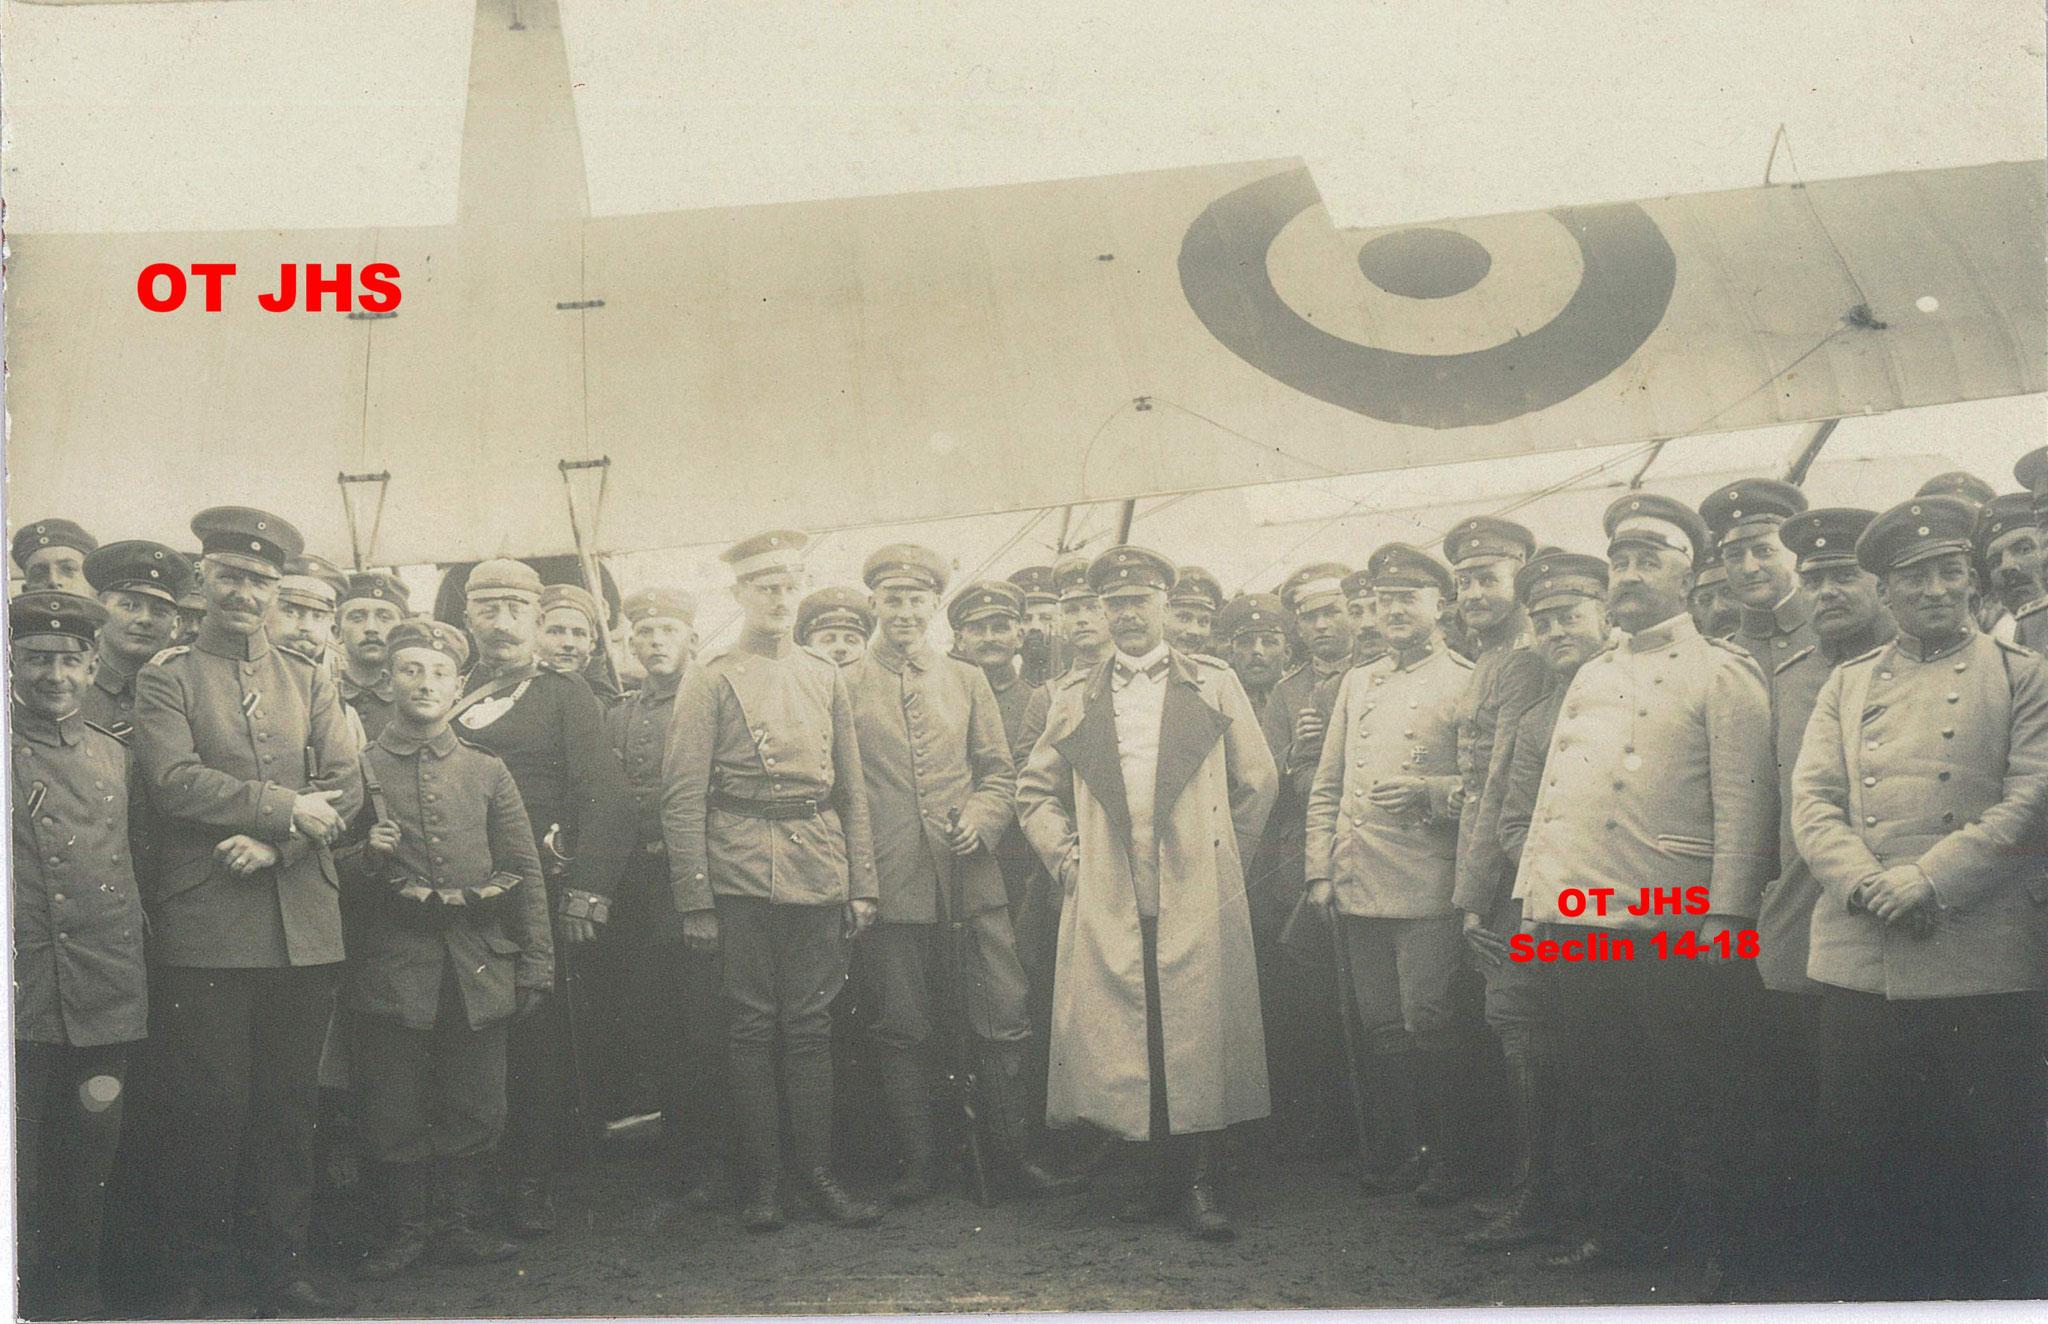 1915 - Von François avec ses hommes, site crash avion sur Seclin (crédit : OT JHS - reproduction interdite)